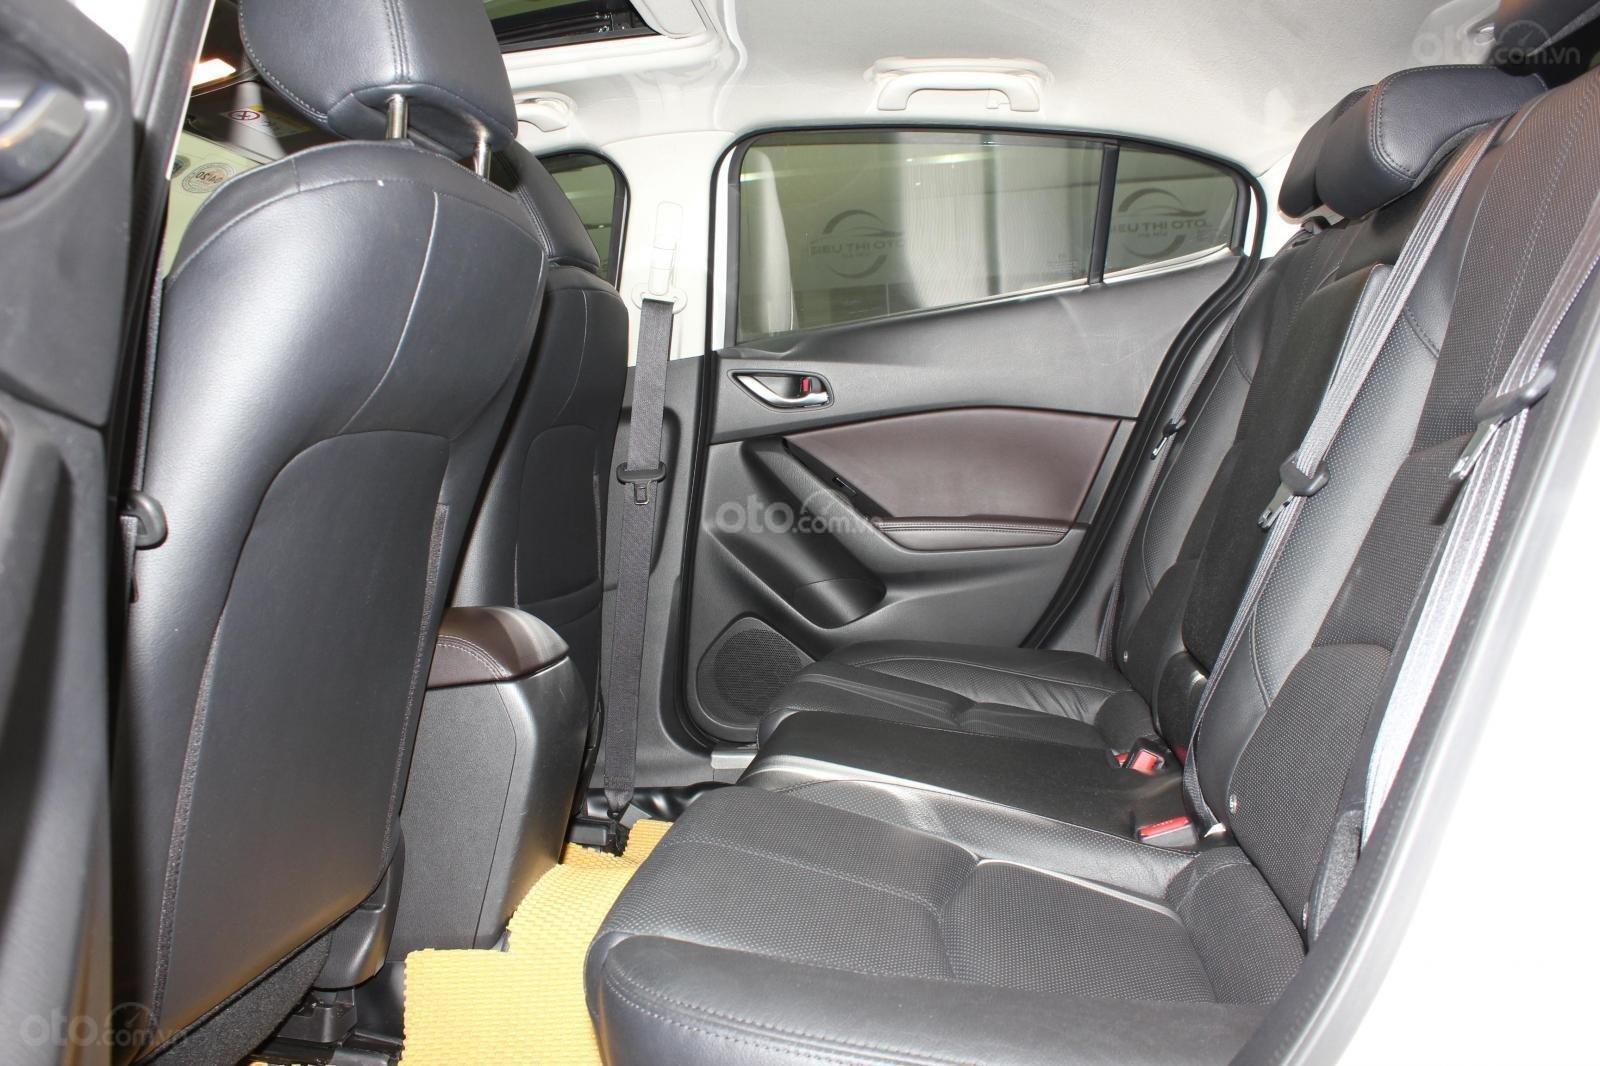 Chính chủ cần bán Mazda 3 2017 bản hatchback màu trắng, số tự động, full option (14)